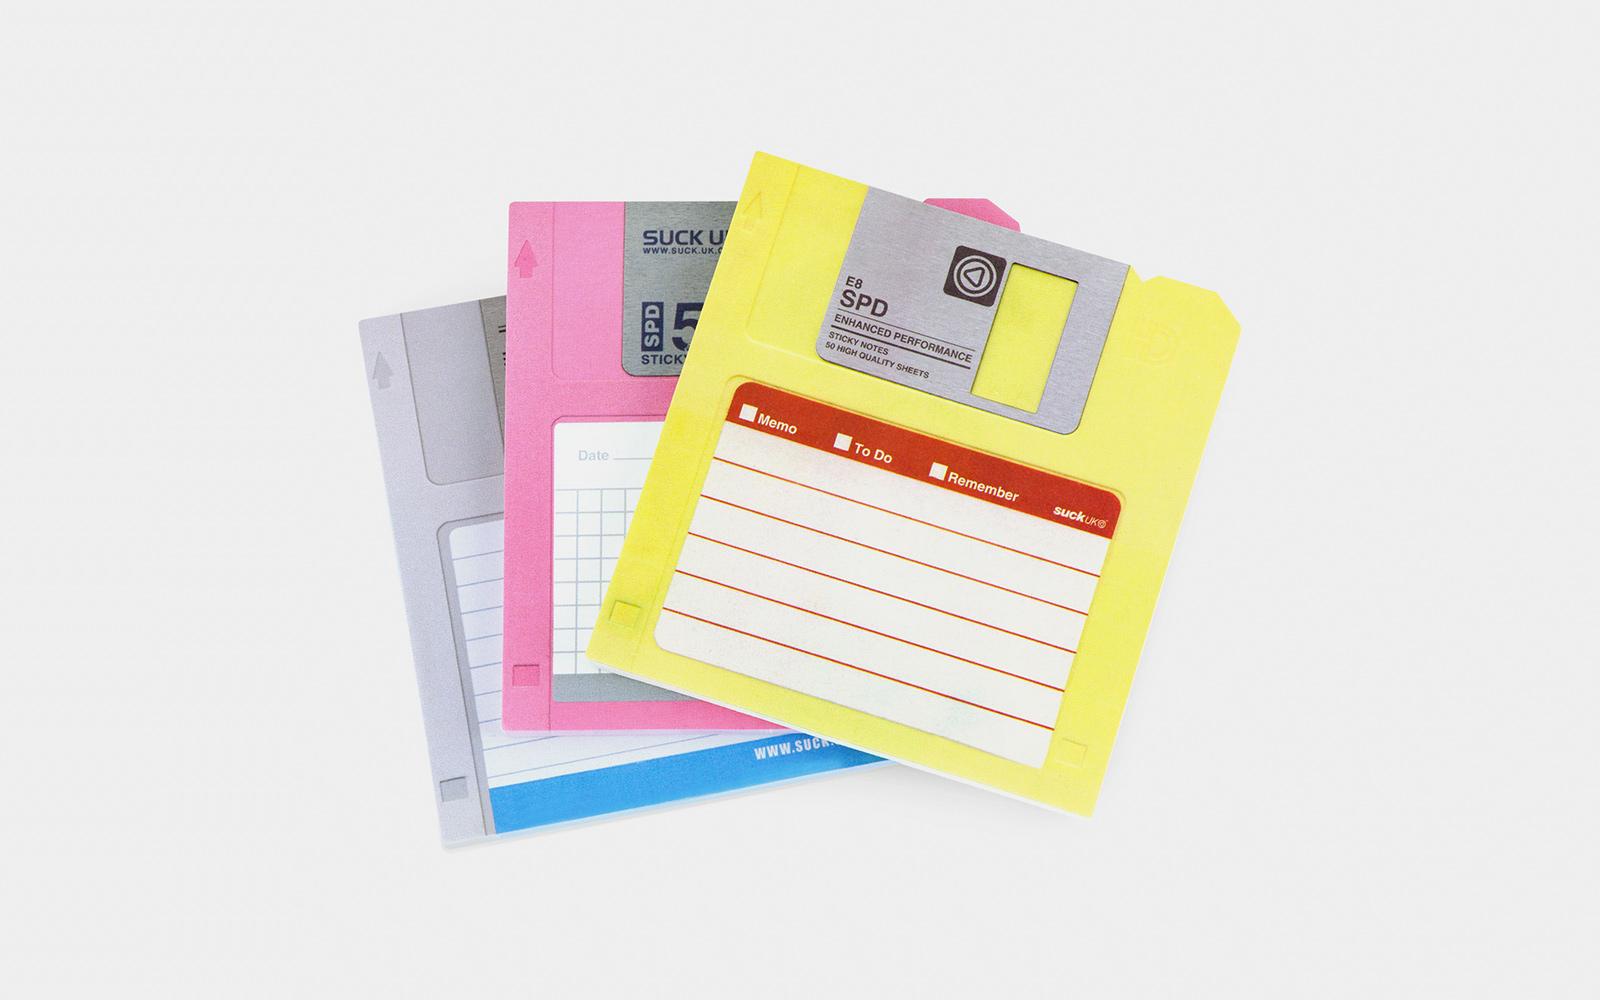 Disk-it // Sticky Notes